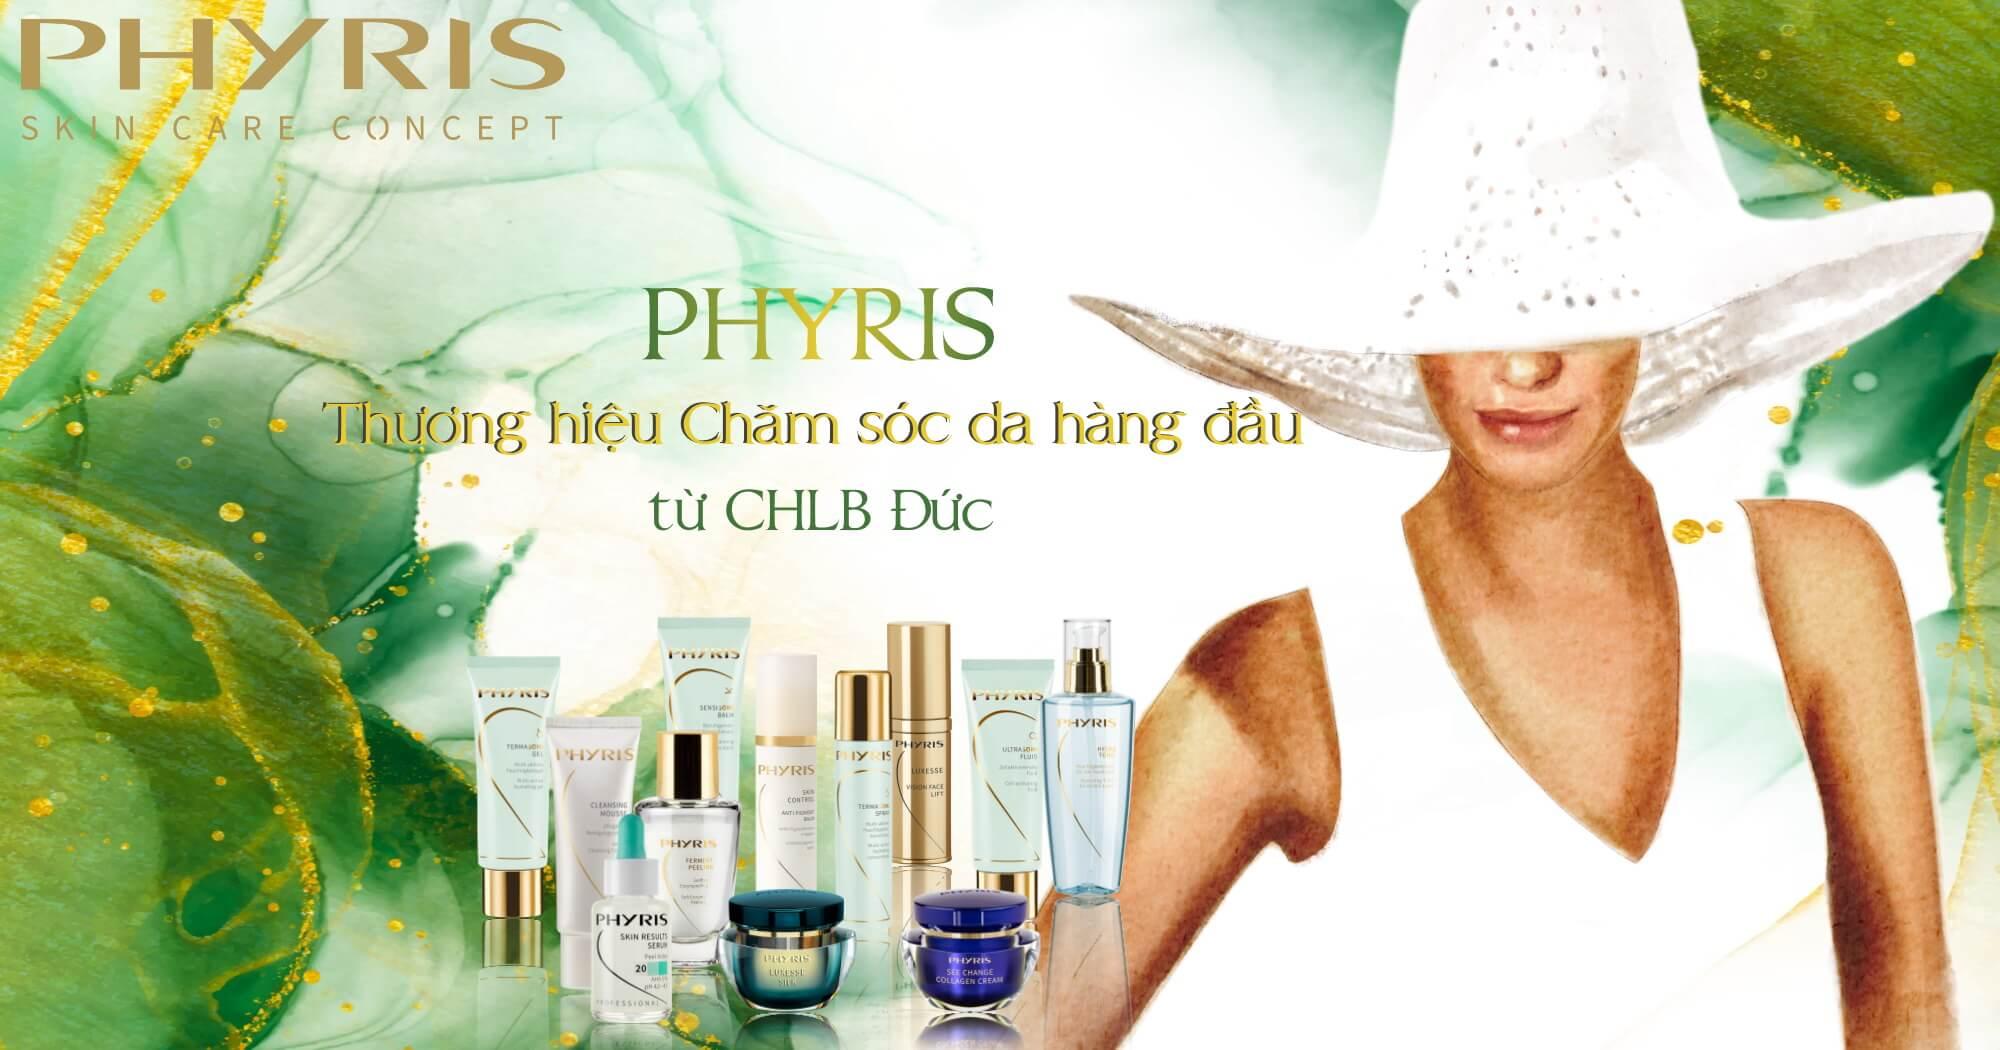 PHYRIS là một trong những là thương hiệu mỹ phẩm dưỡng da tốt nhất hiện nay.